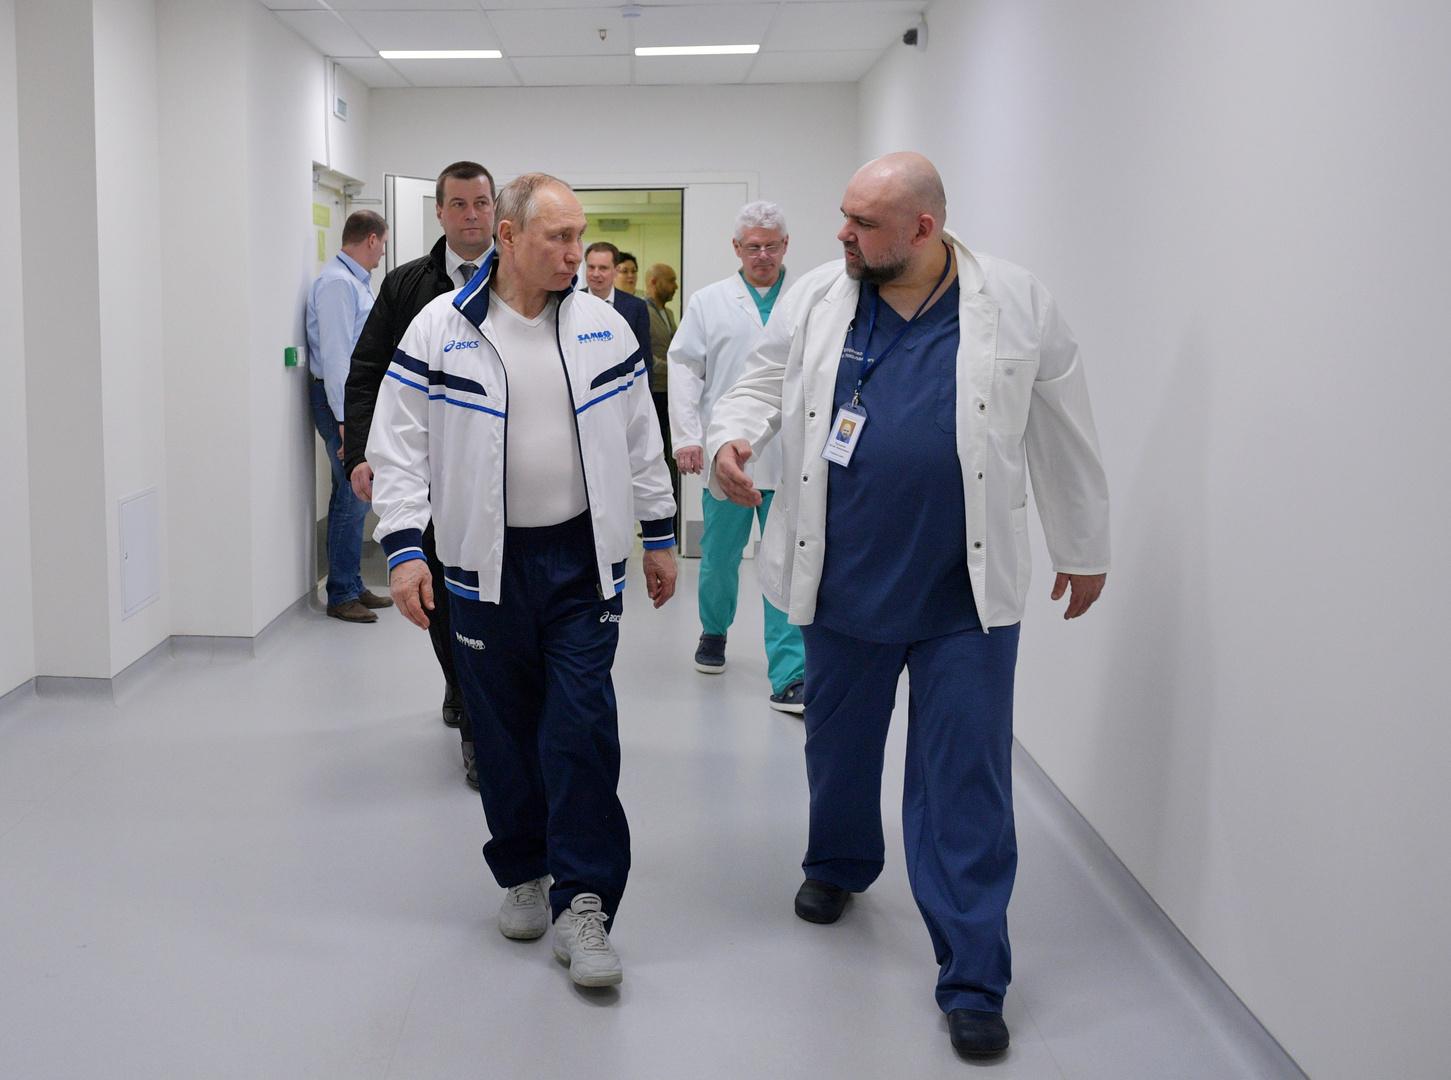 الطبيب دينيس بروتسينكو يرافق الرئيس فلاديمير بوتين أثناء زيارة الأخير إلى المستشفى المخصص لمعالجة المصابين بفيروس كورونا في بلدة كوموناركا بضواحي موسكو - 24 مارس 2020